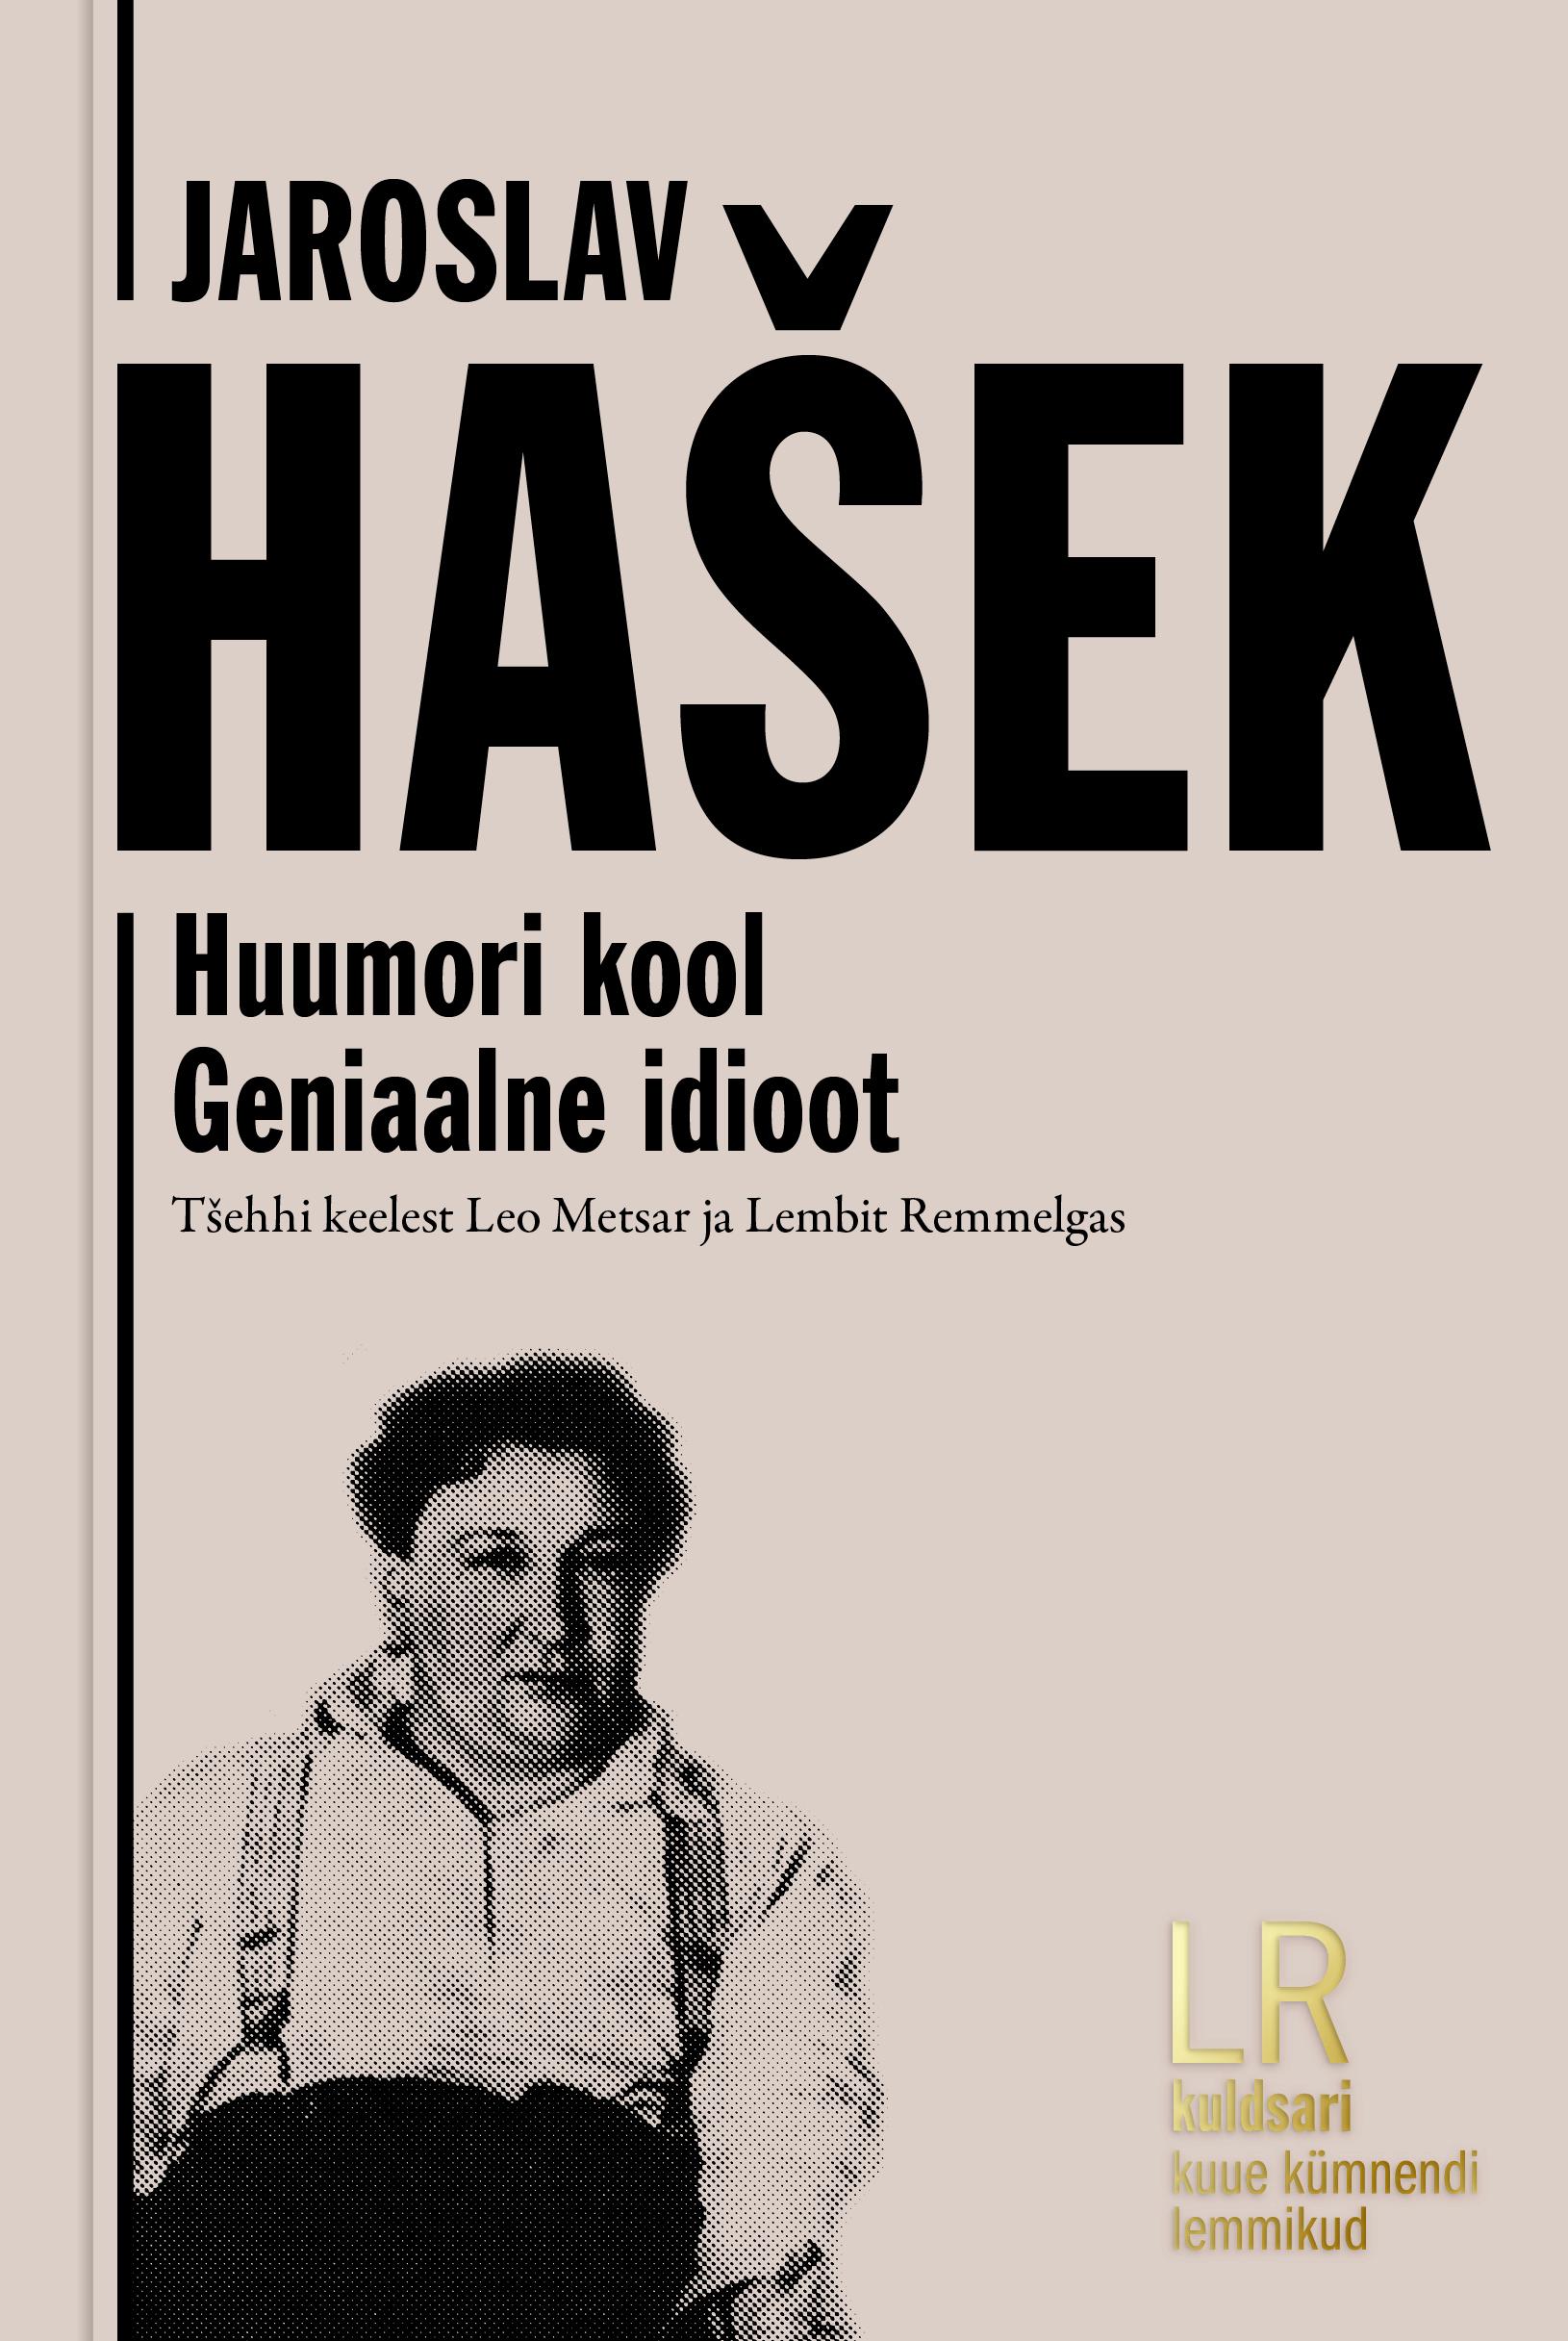 Jaroslav hašek. geniaalne idioot. huumori kool